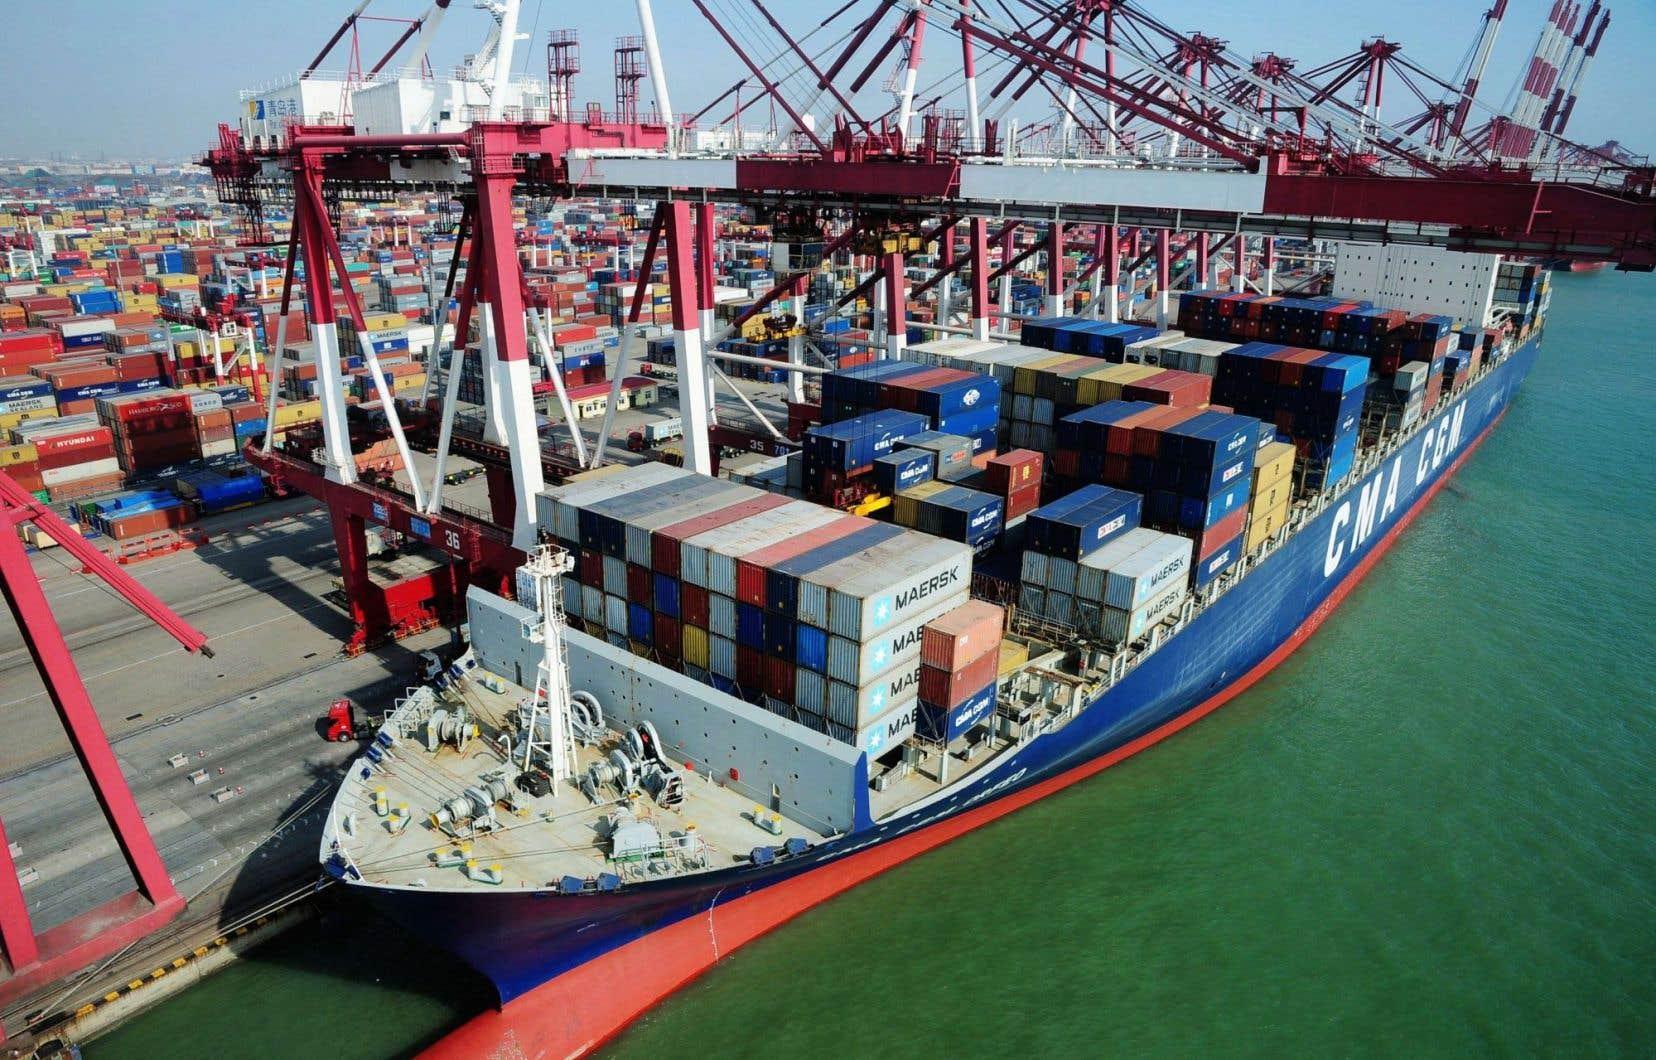 Le PTP regroupe aujourd'hui 12 pays de part et d'autre du Pacifique, dont les États-Unis, mais pas la Chine, alors que le PERG rassemble les 16 économies dites de l'ASEAN plus 6 (Chine, Corée du Sud, Japon, Inde, Australie et Nouvelle-Zélande).